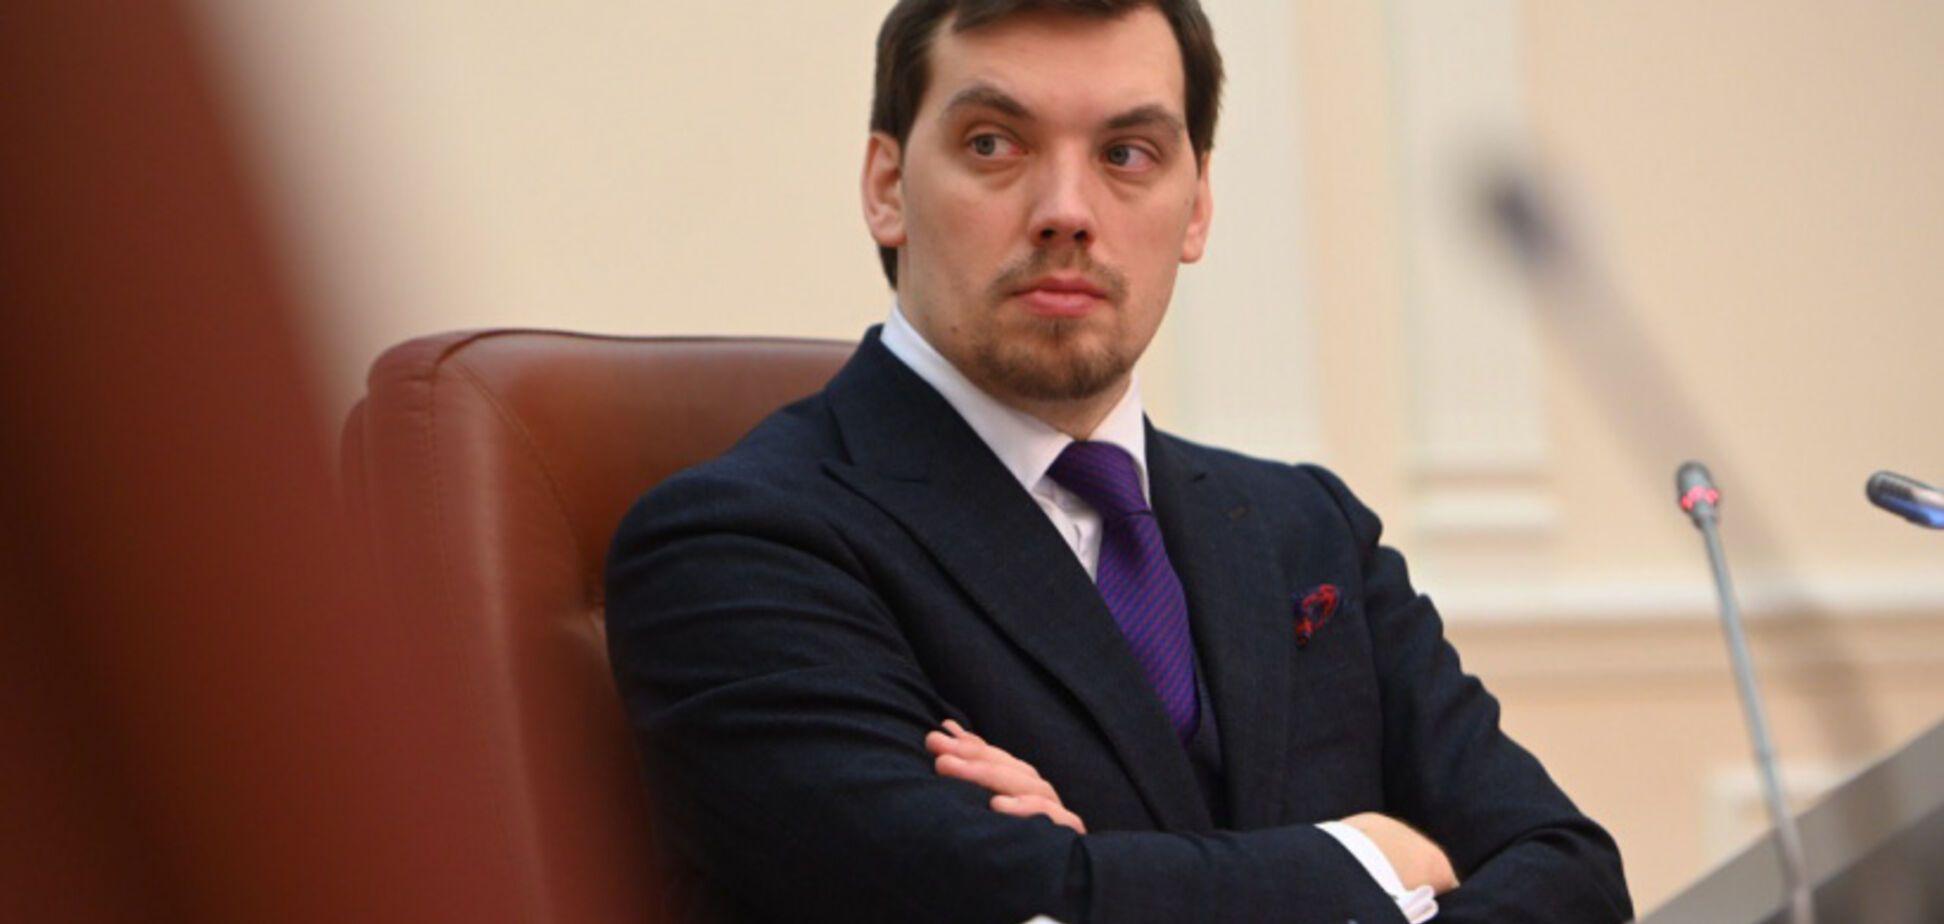 Бюджет України виконати неможливо: Гончарук розповів, чи загрожує країні дефолт